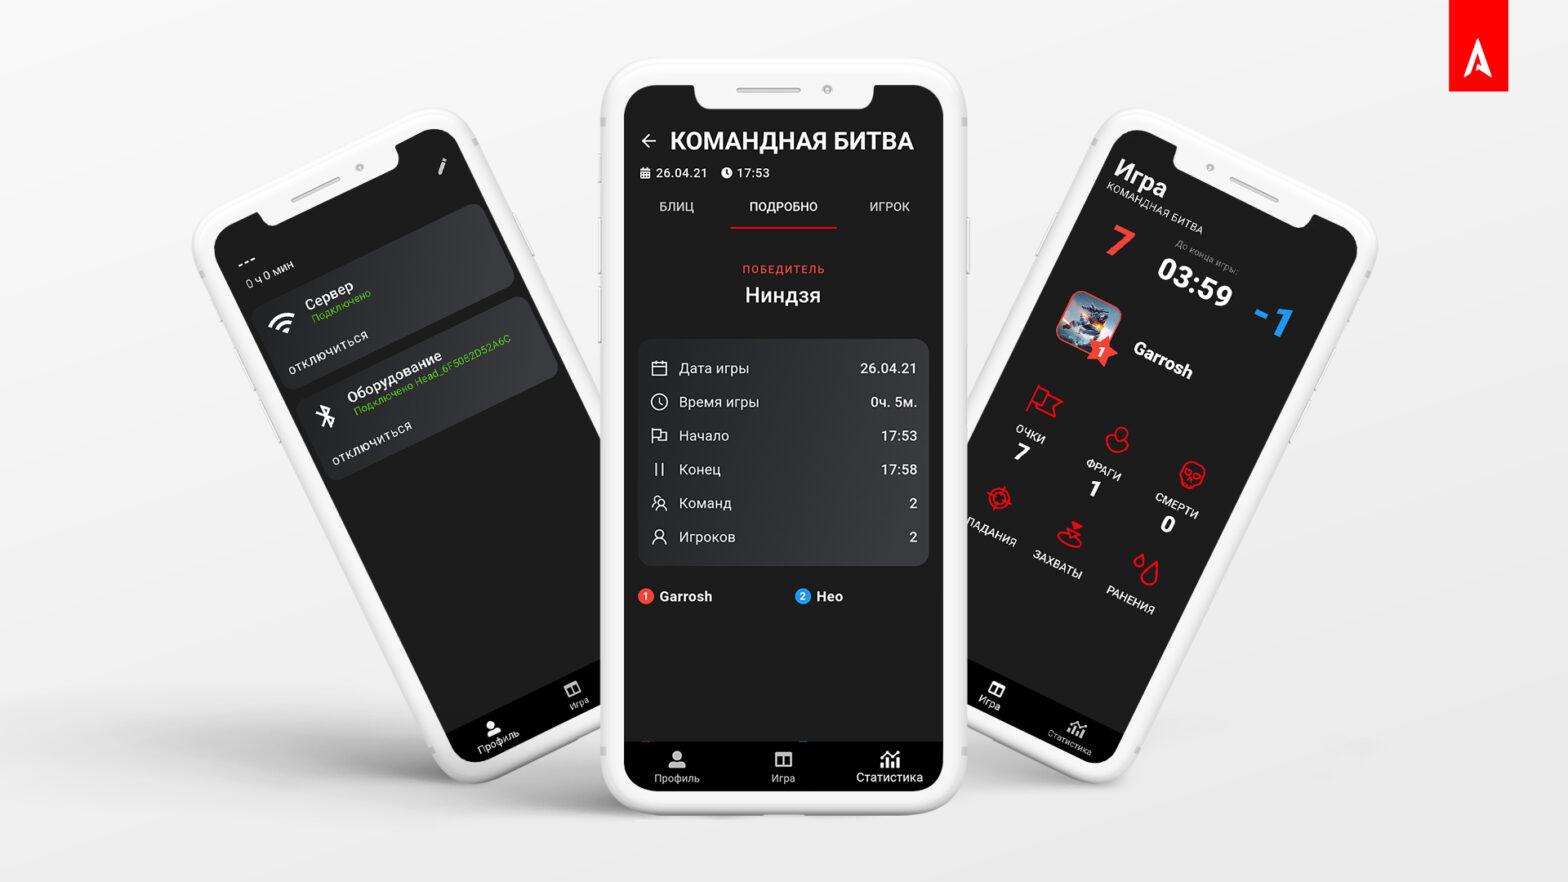 Обновление Alphatag Player. Улучшенная статистика и точность игры